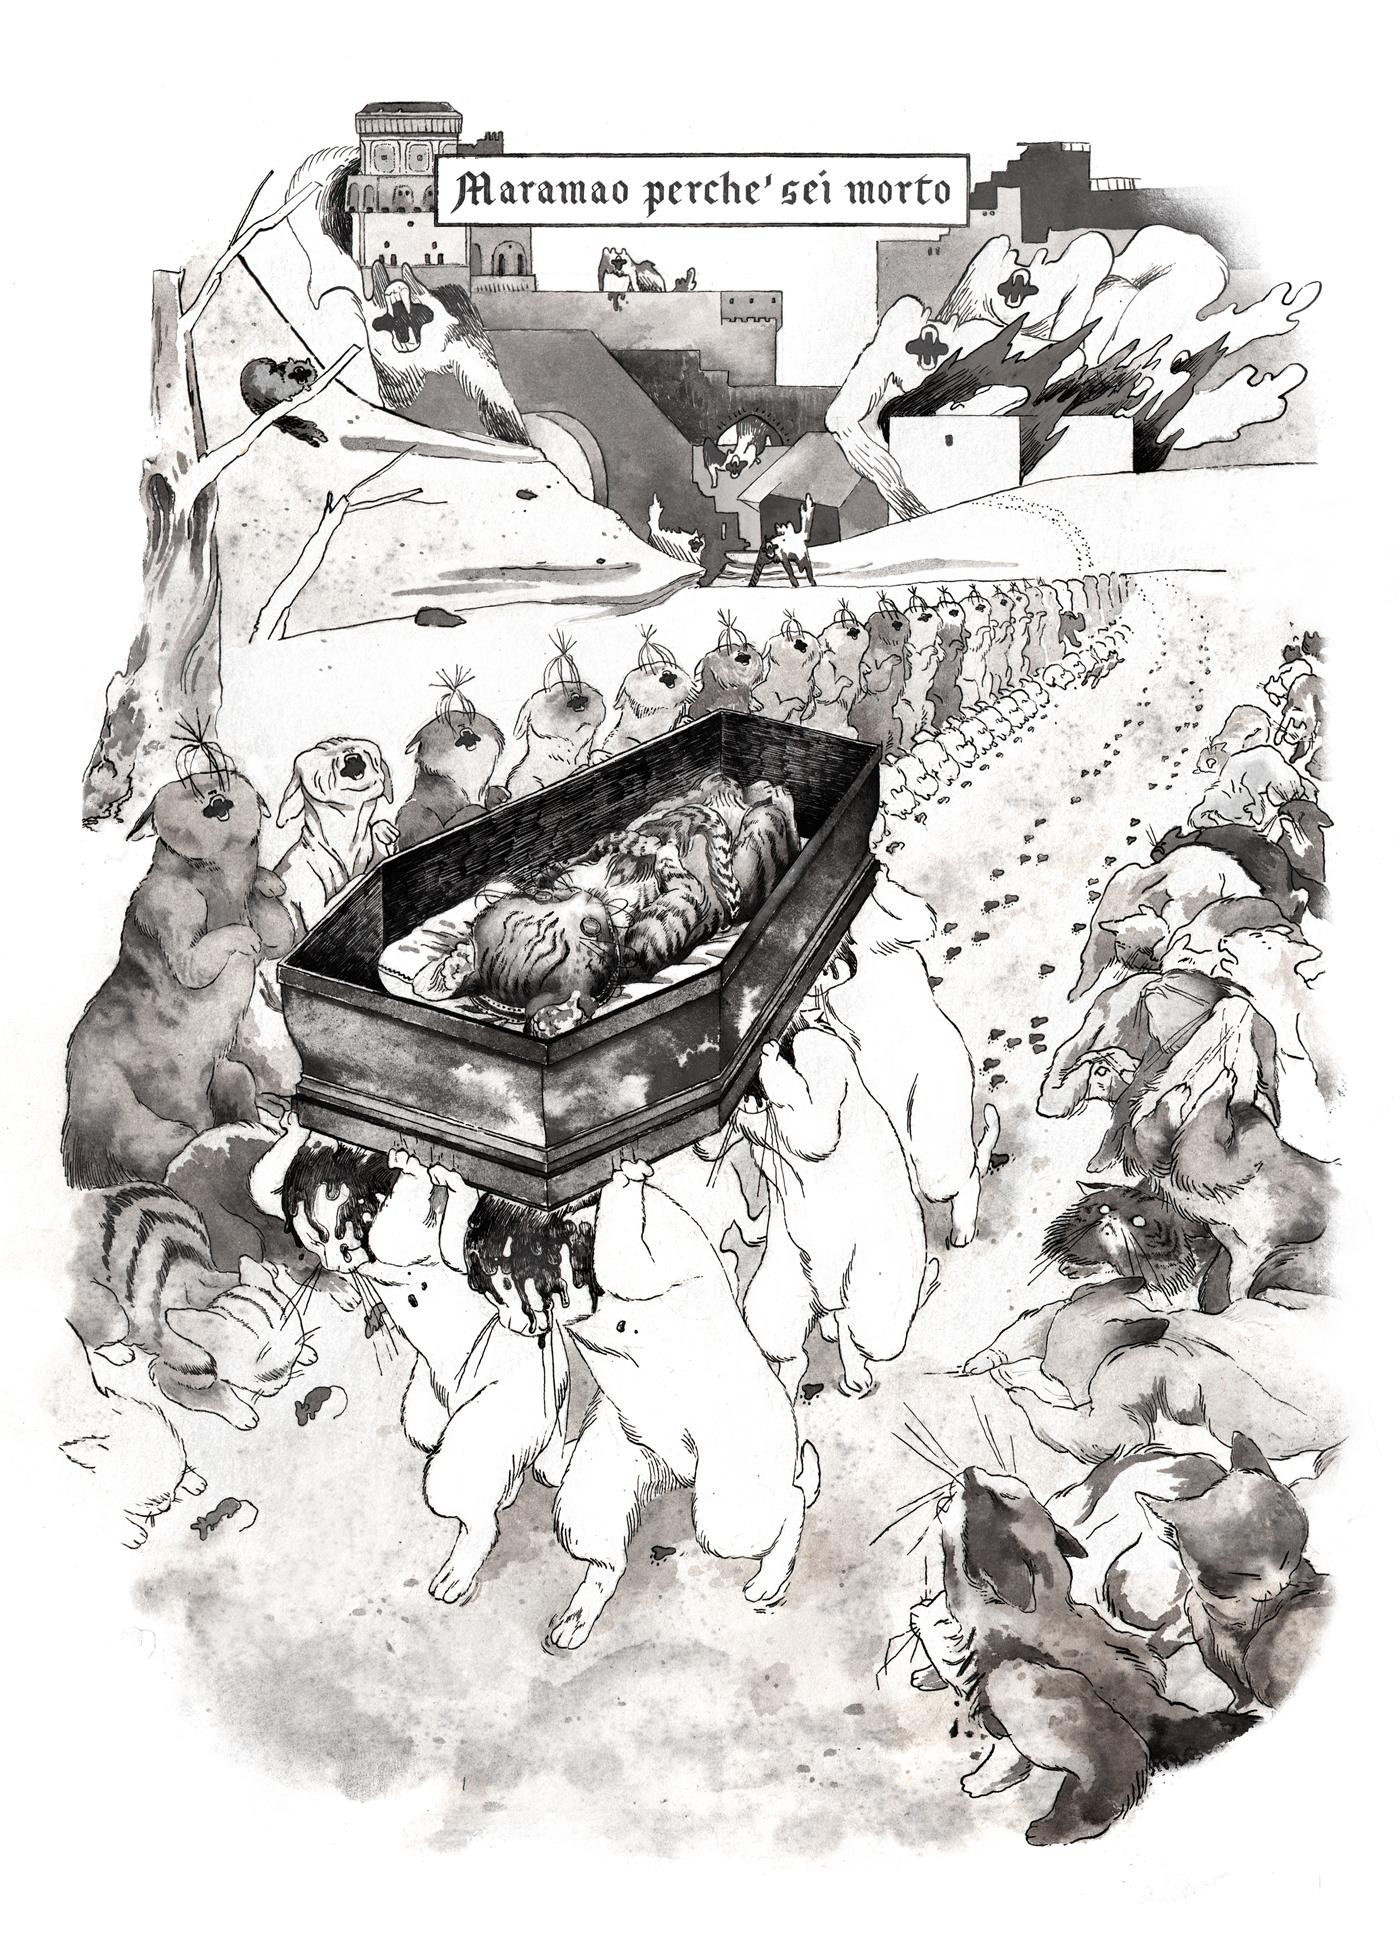 """Margherita Morotti - estratto da """"Maramao perchè sei morto"""", Frankenstein Magazine 1"""